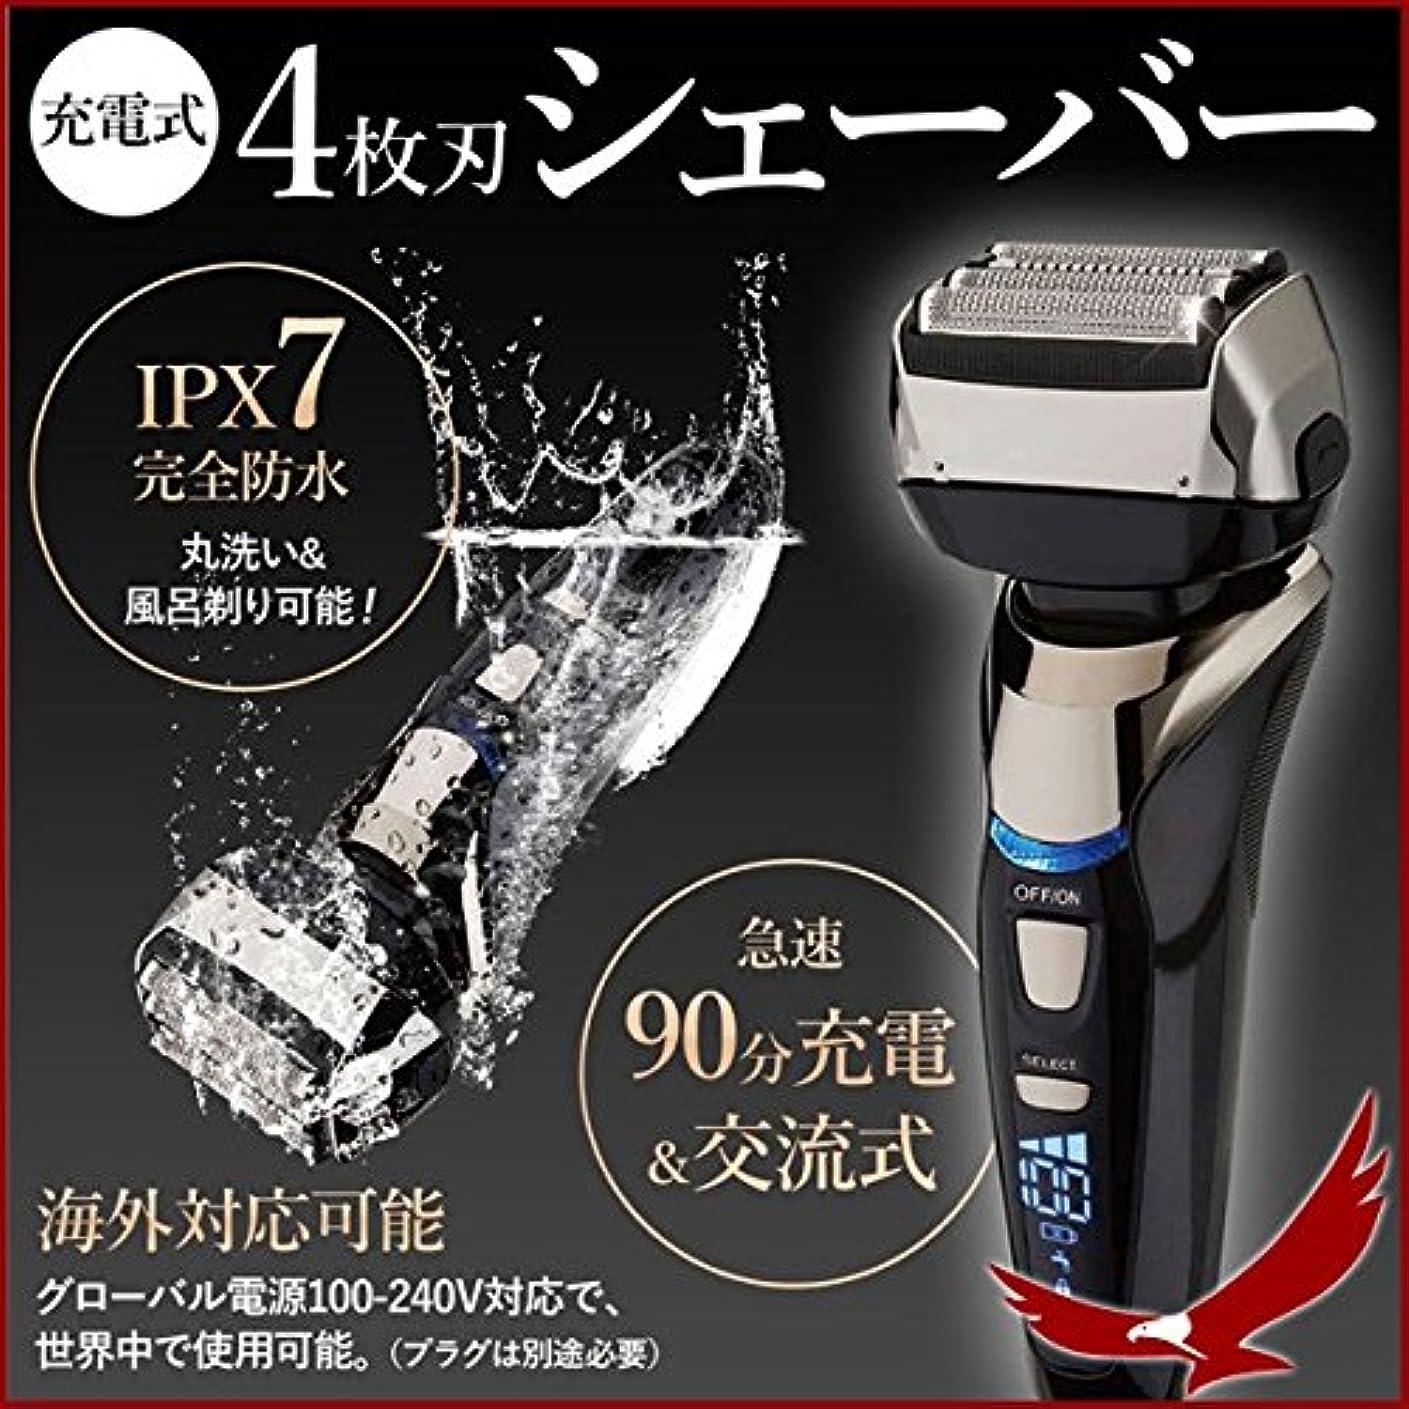 豊富な波紋遮る4枚刃充交両用シェーバー GD-S401 完全防水!丸洗いOK! (黒)